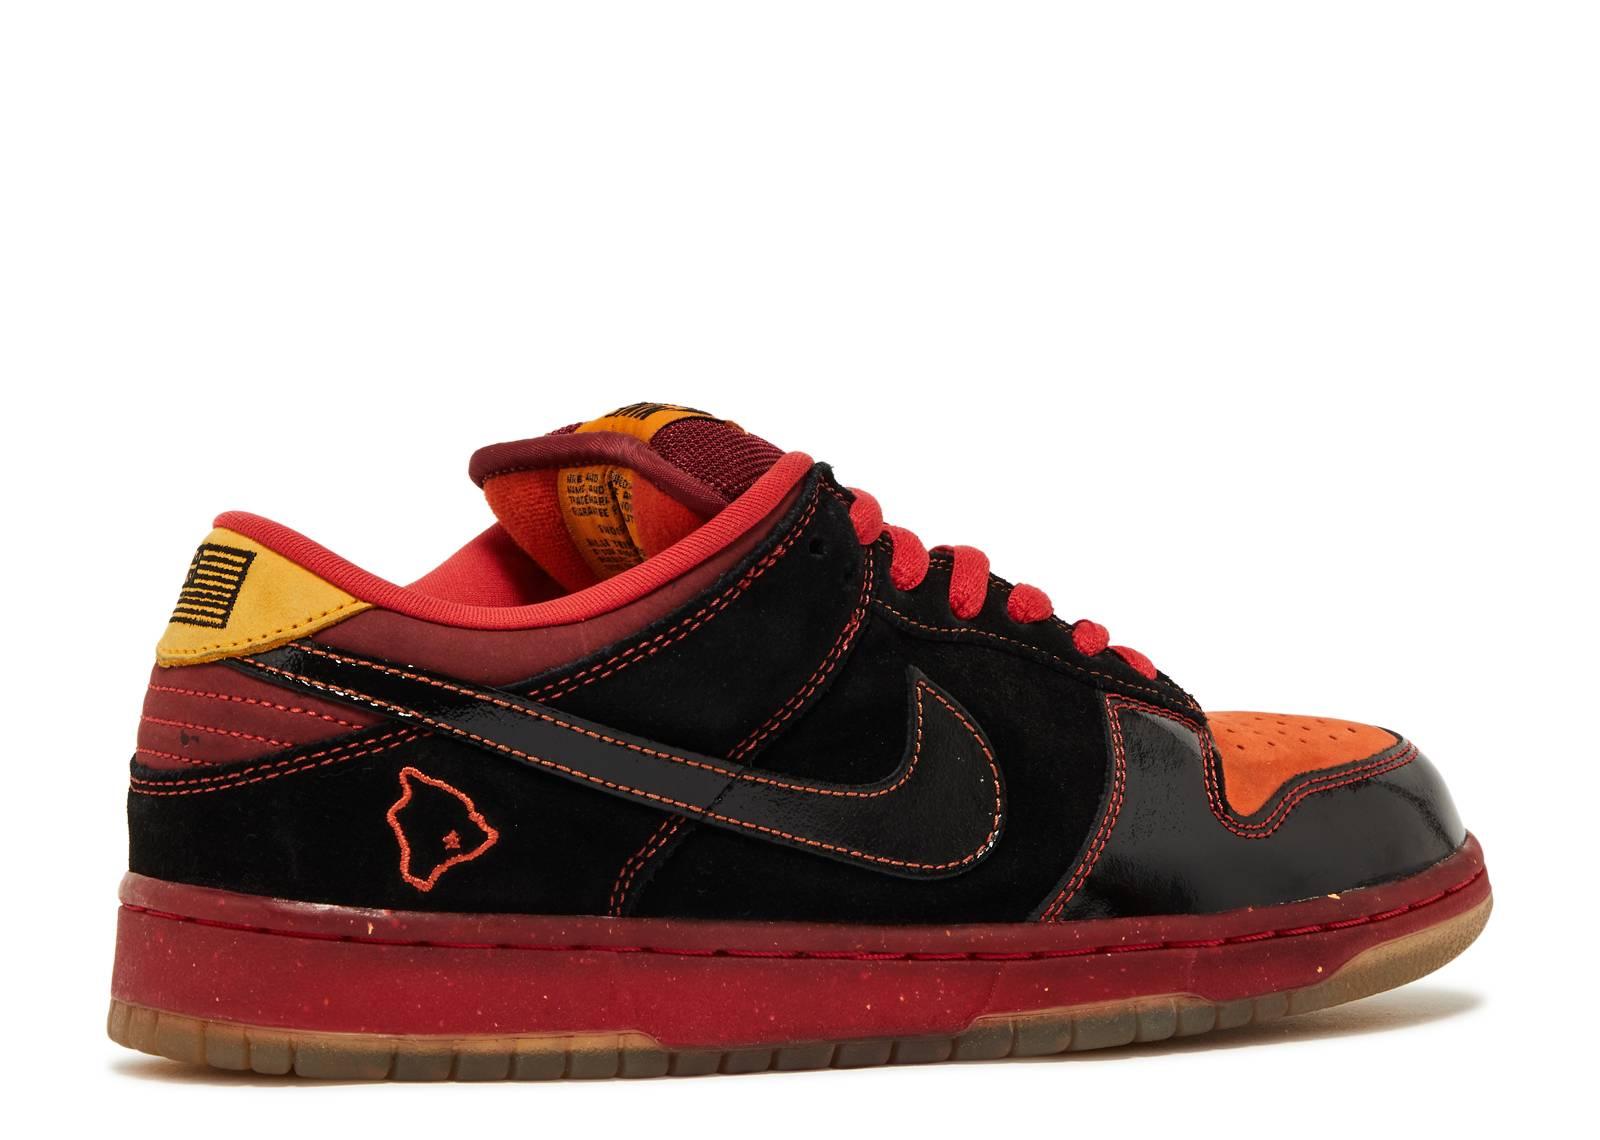 aclaramiento última Nike Sb Dunk Low Tamaño 12 footlocker línea barata venta eastbay comprar barato 2014 Compra Consultar barato zugf9KX